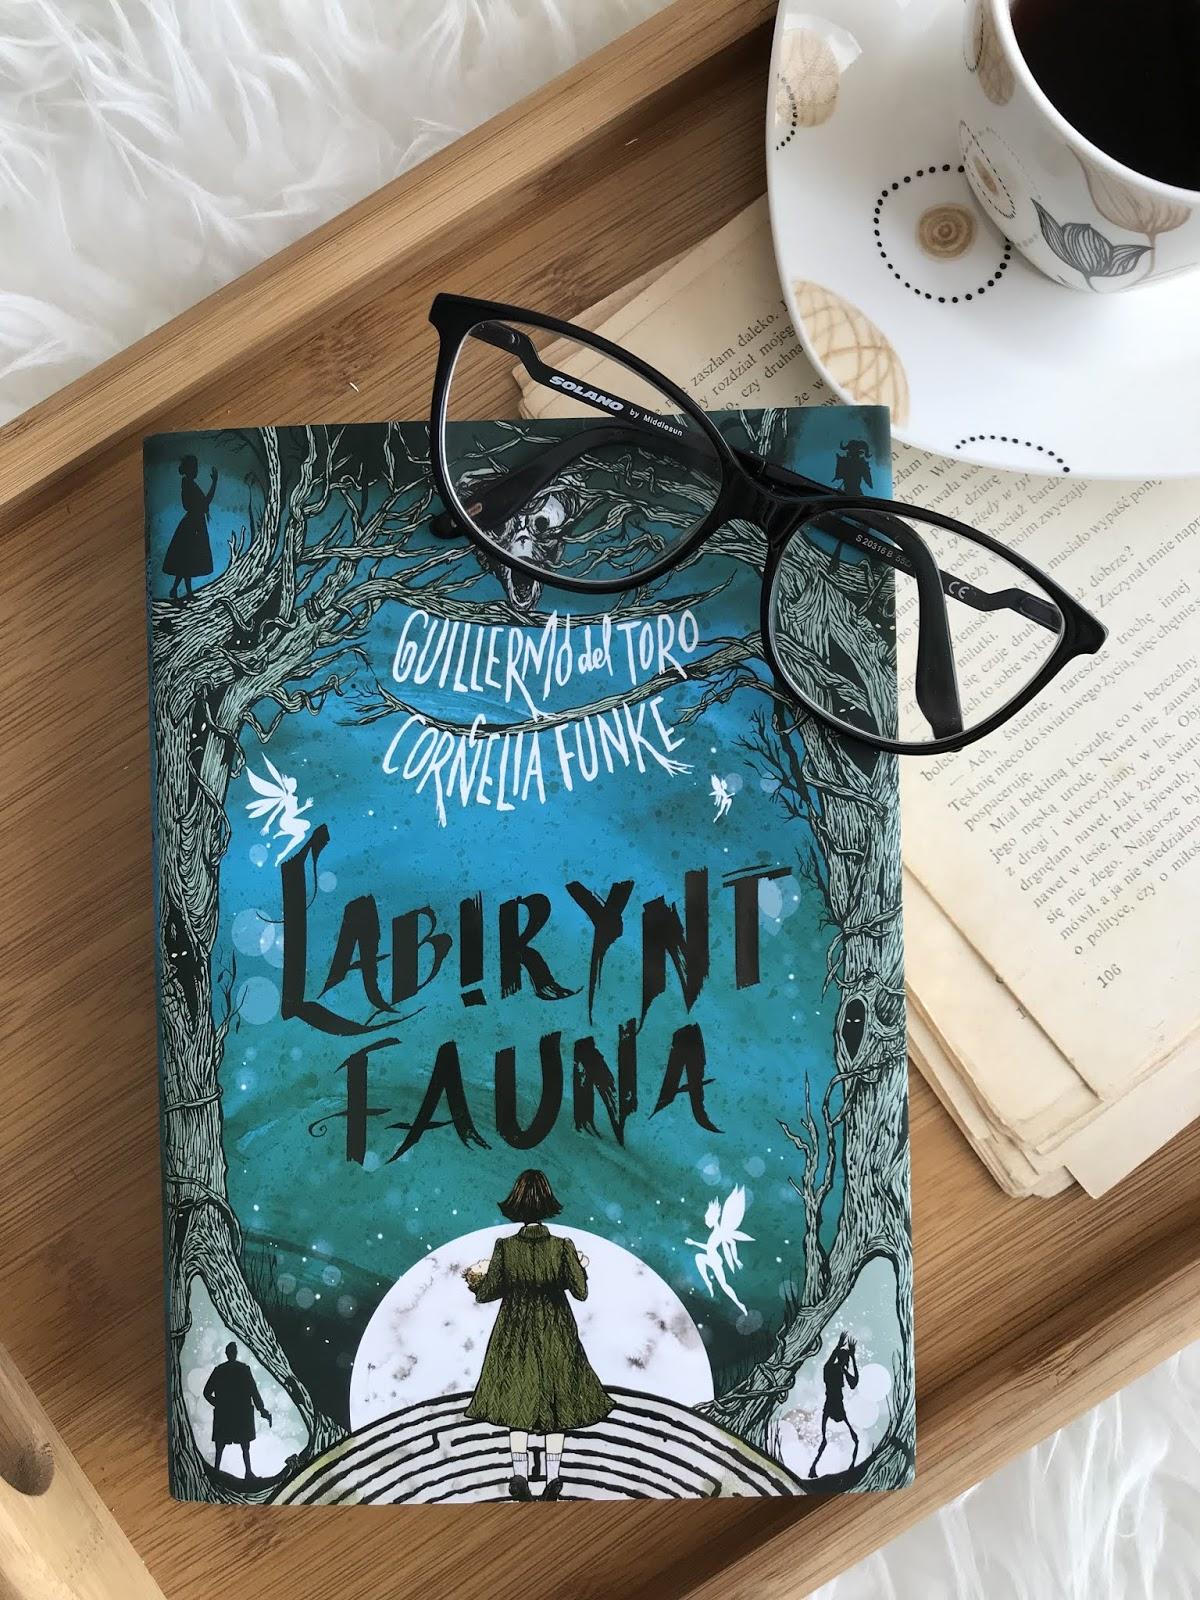 Cornelia Funke, Guillermo del Toro, Labirynt fauna